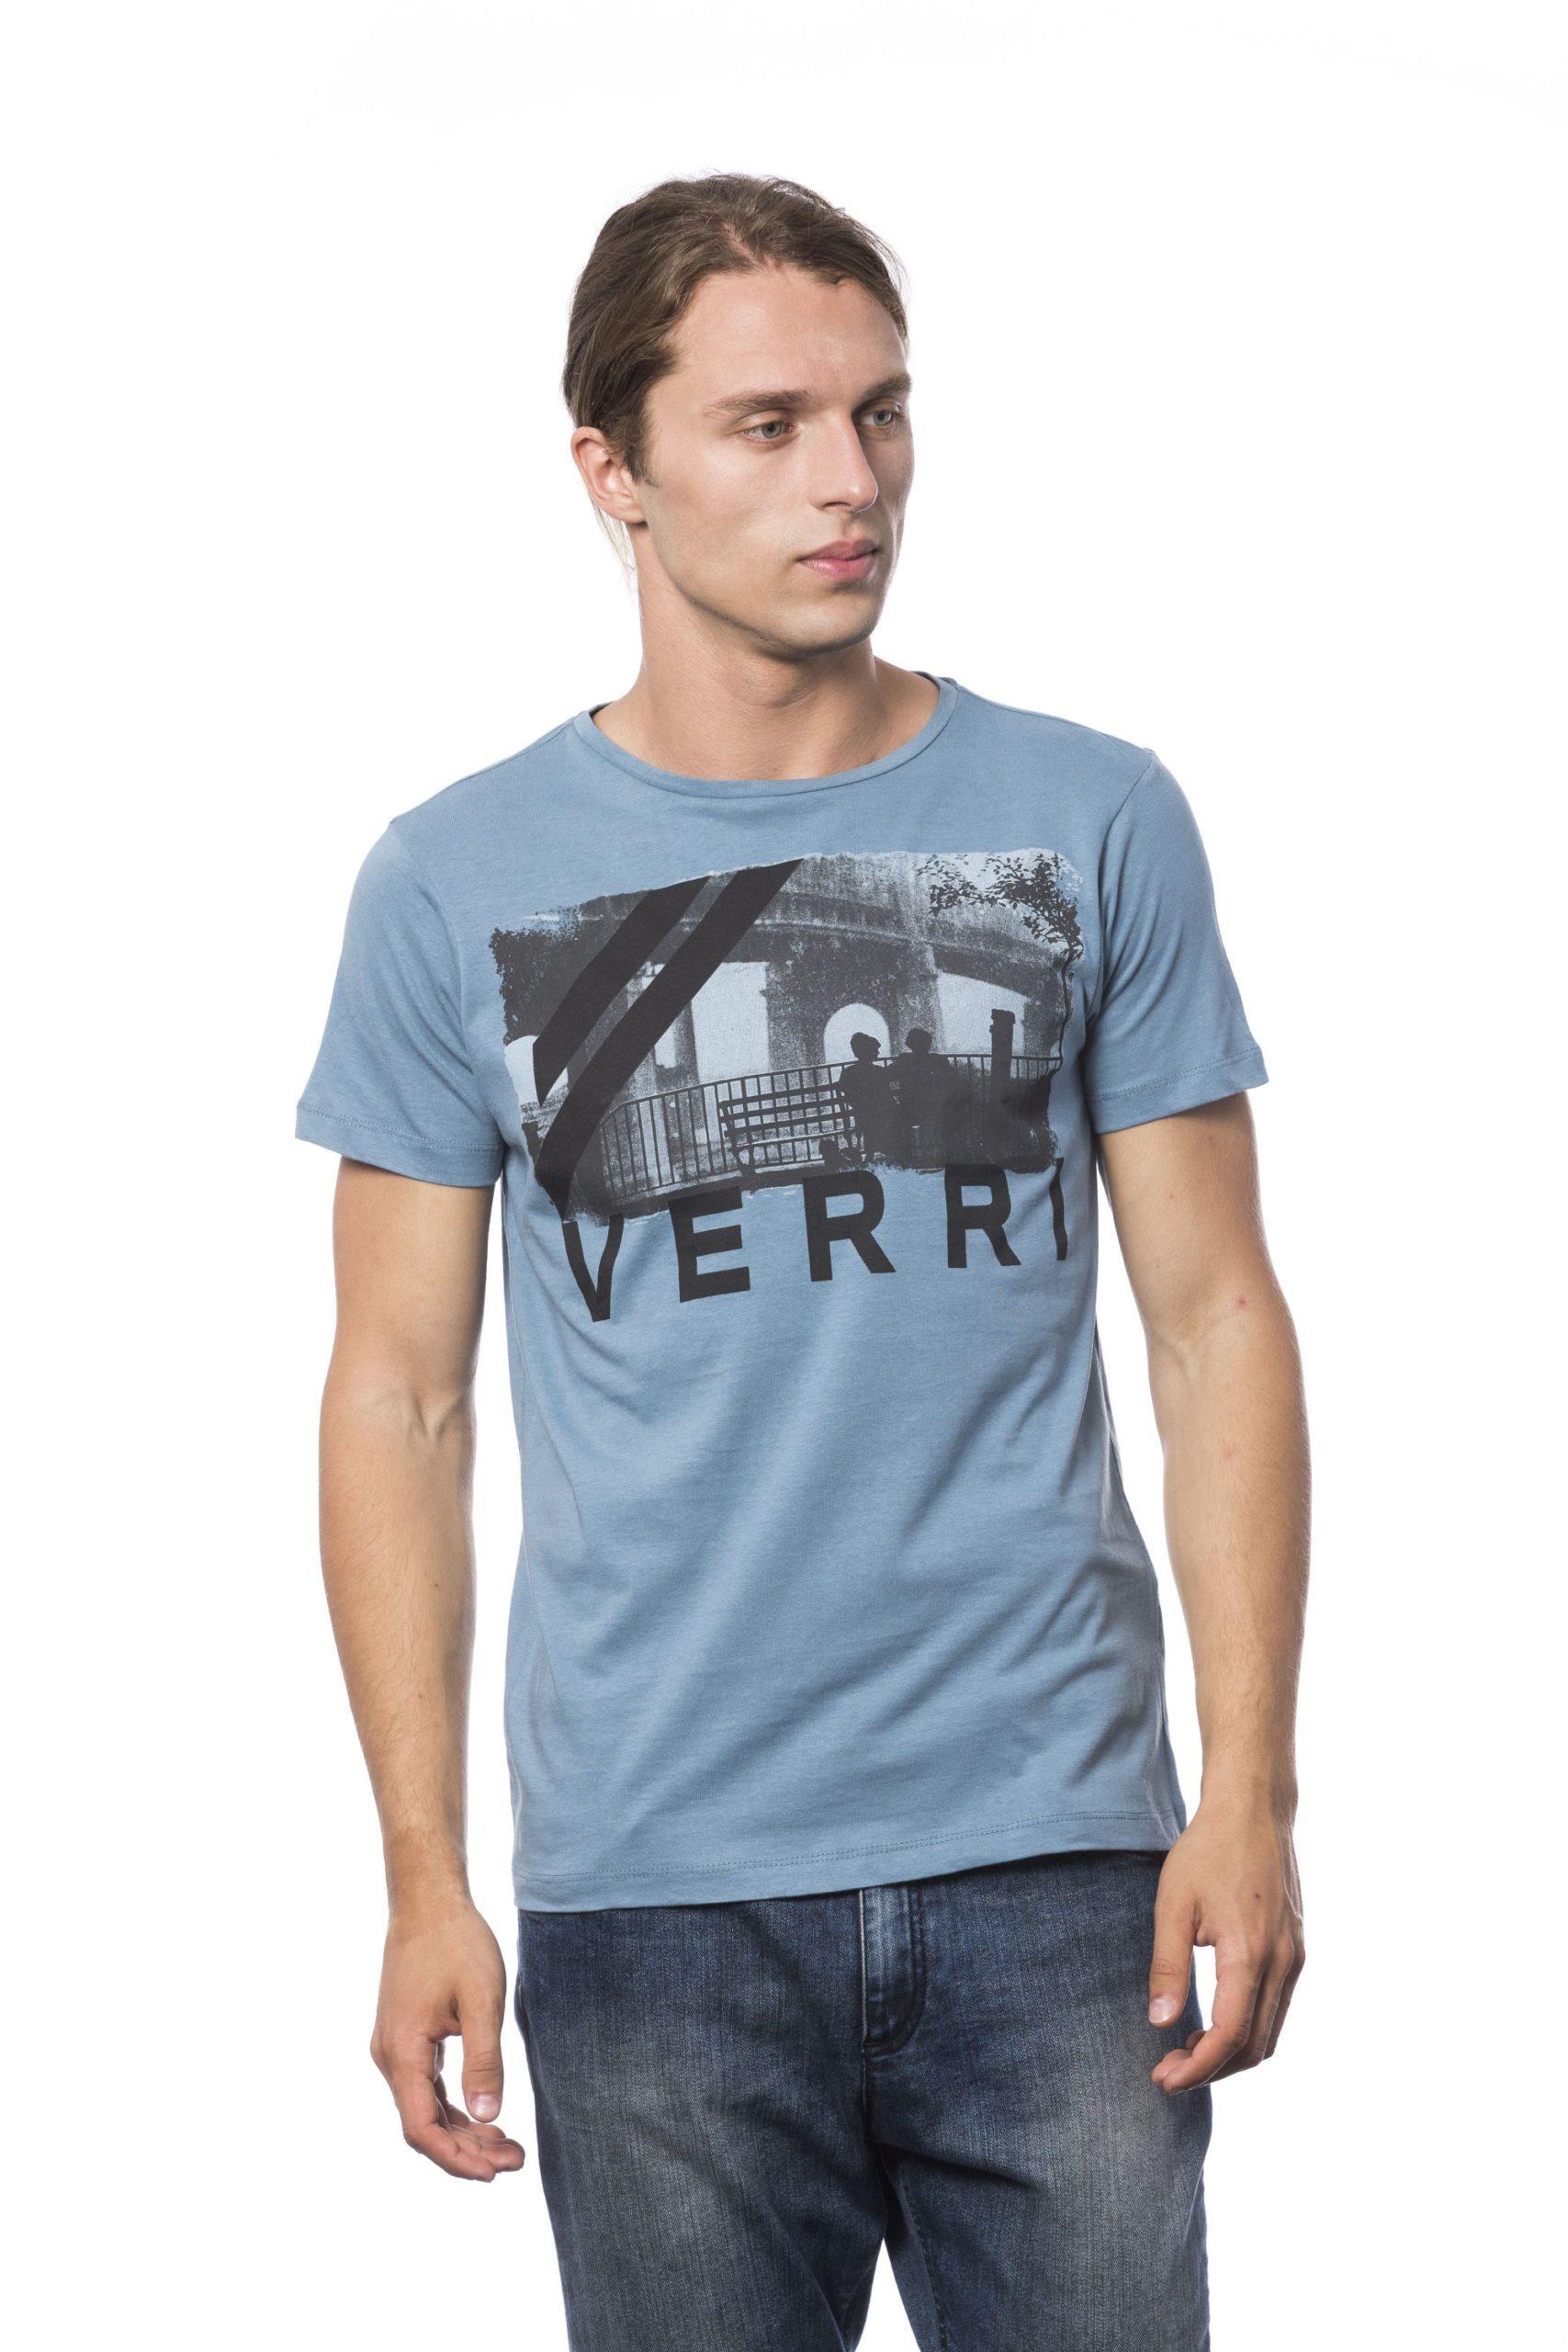 Verri Men's Denim T-Shirt Blue VE679760 - S